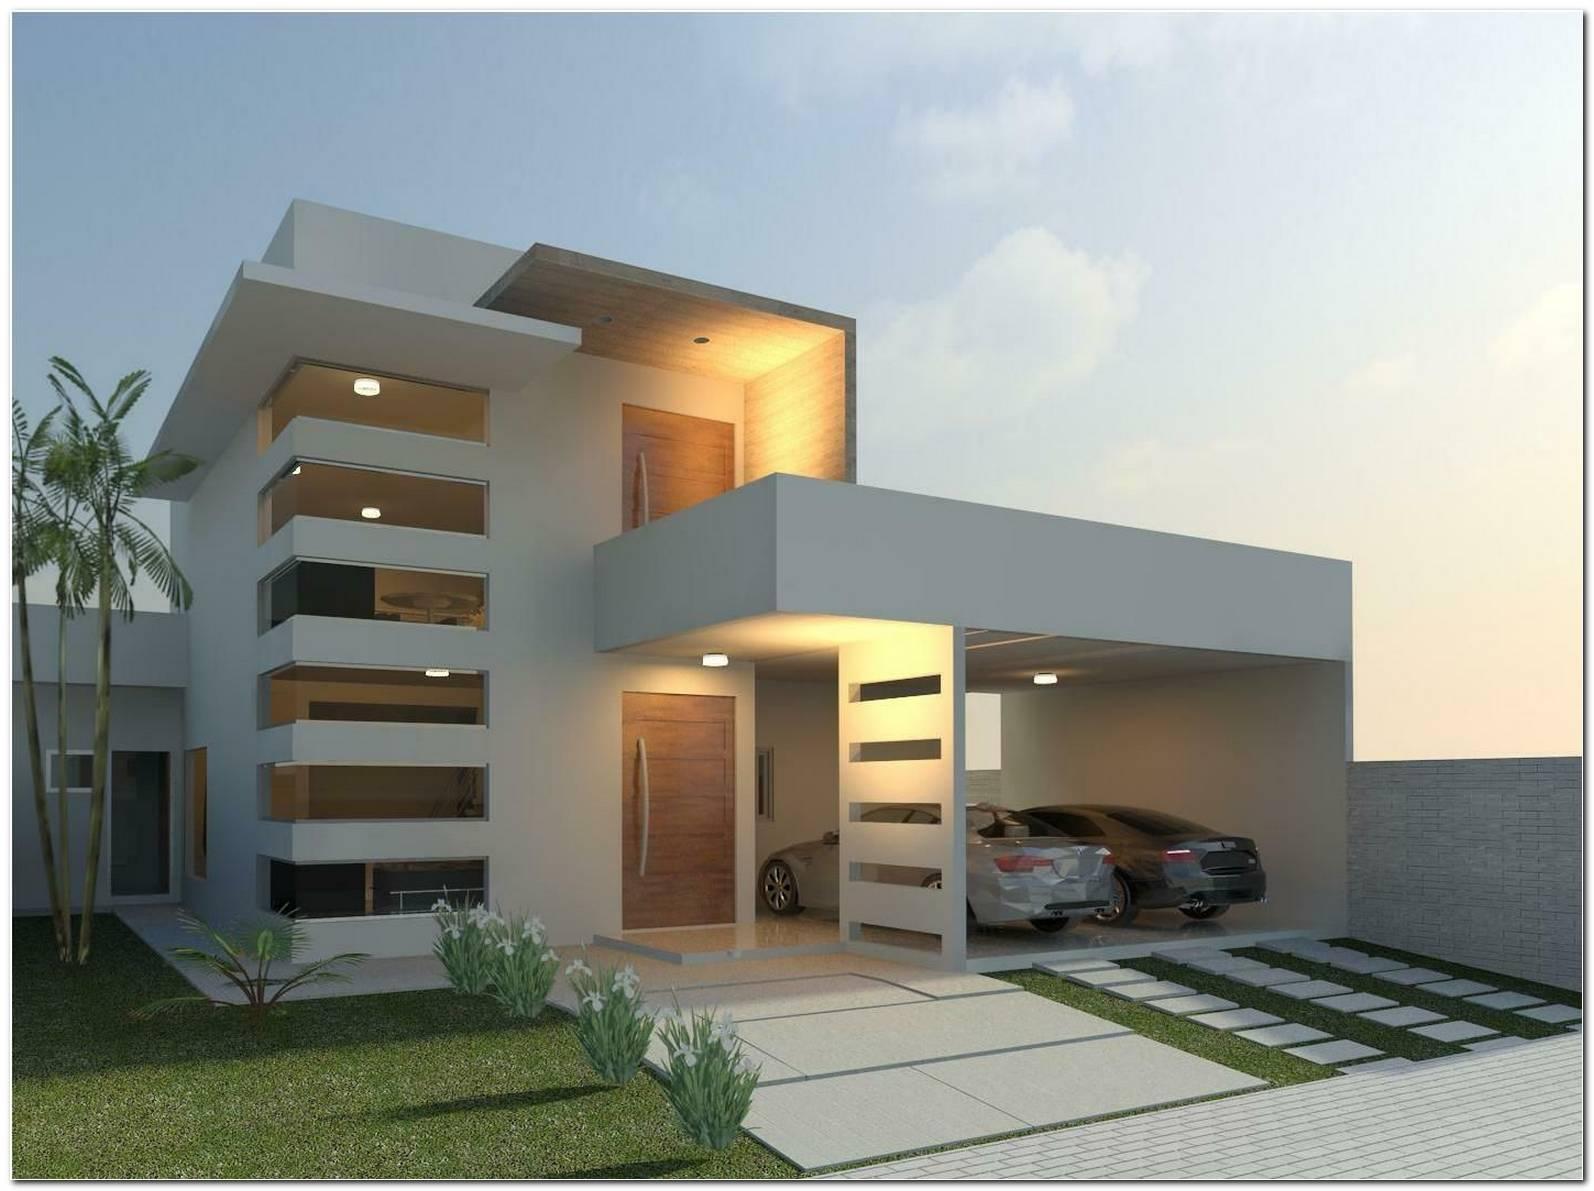 60 Fachadas De Casas Minimalistas Modelos & Fotos